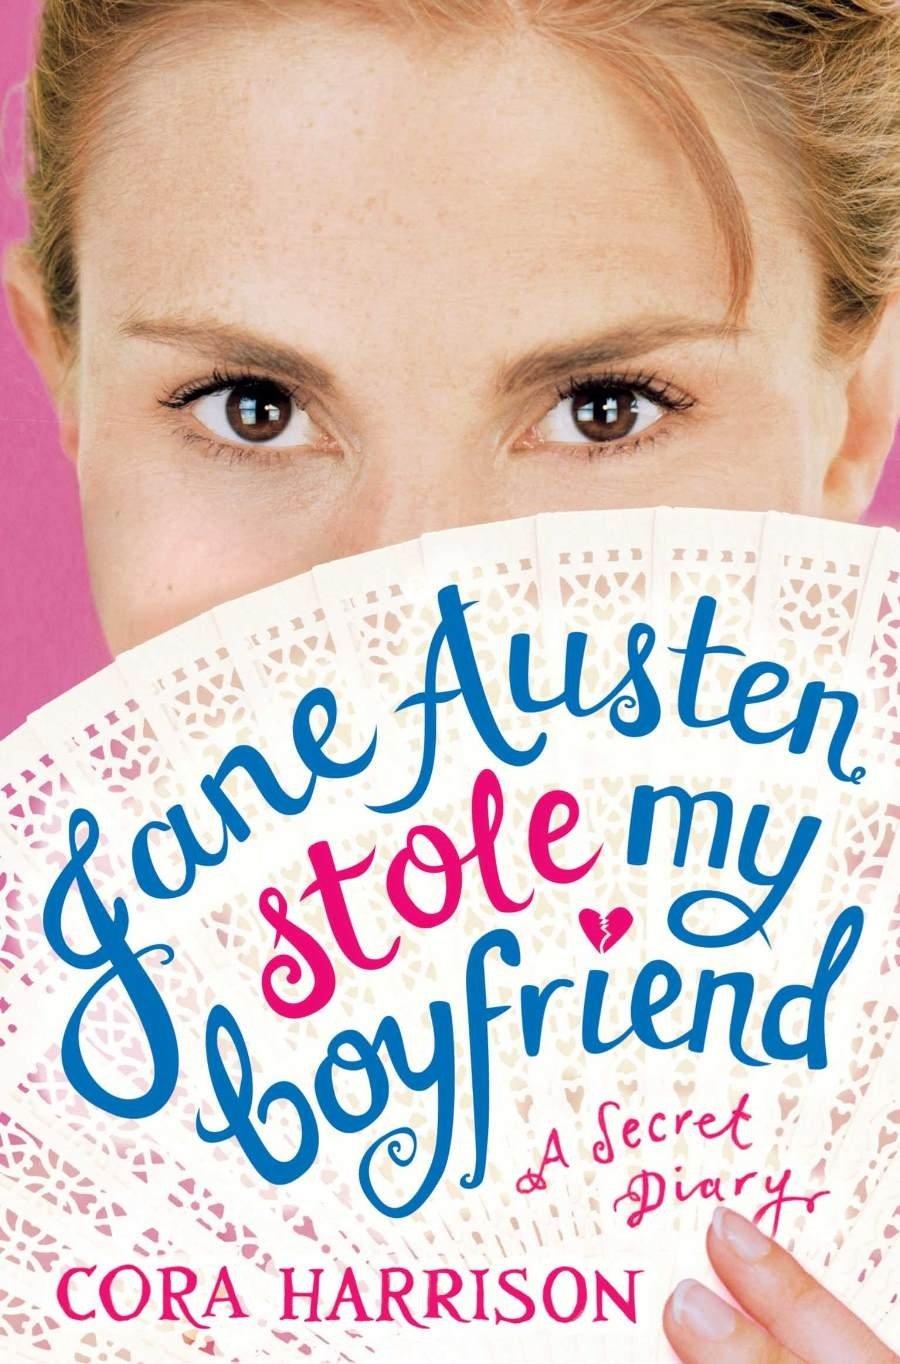 Jane Austen Stole My Boyfriend (Anglais) Broché – Version intégrale, 2 février 2012 Cora Harrison 0330509543 7-11 ans Anglais jeunesse